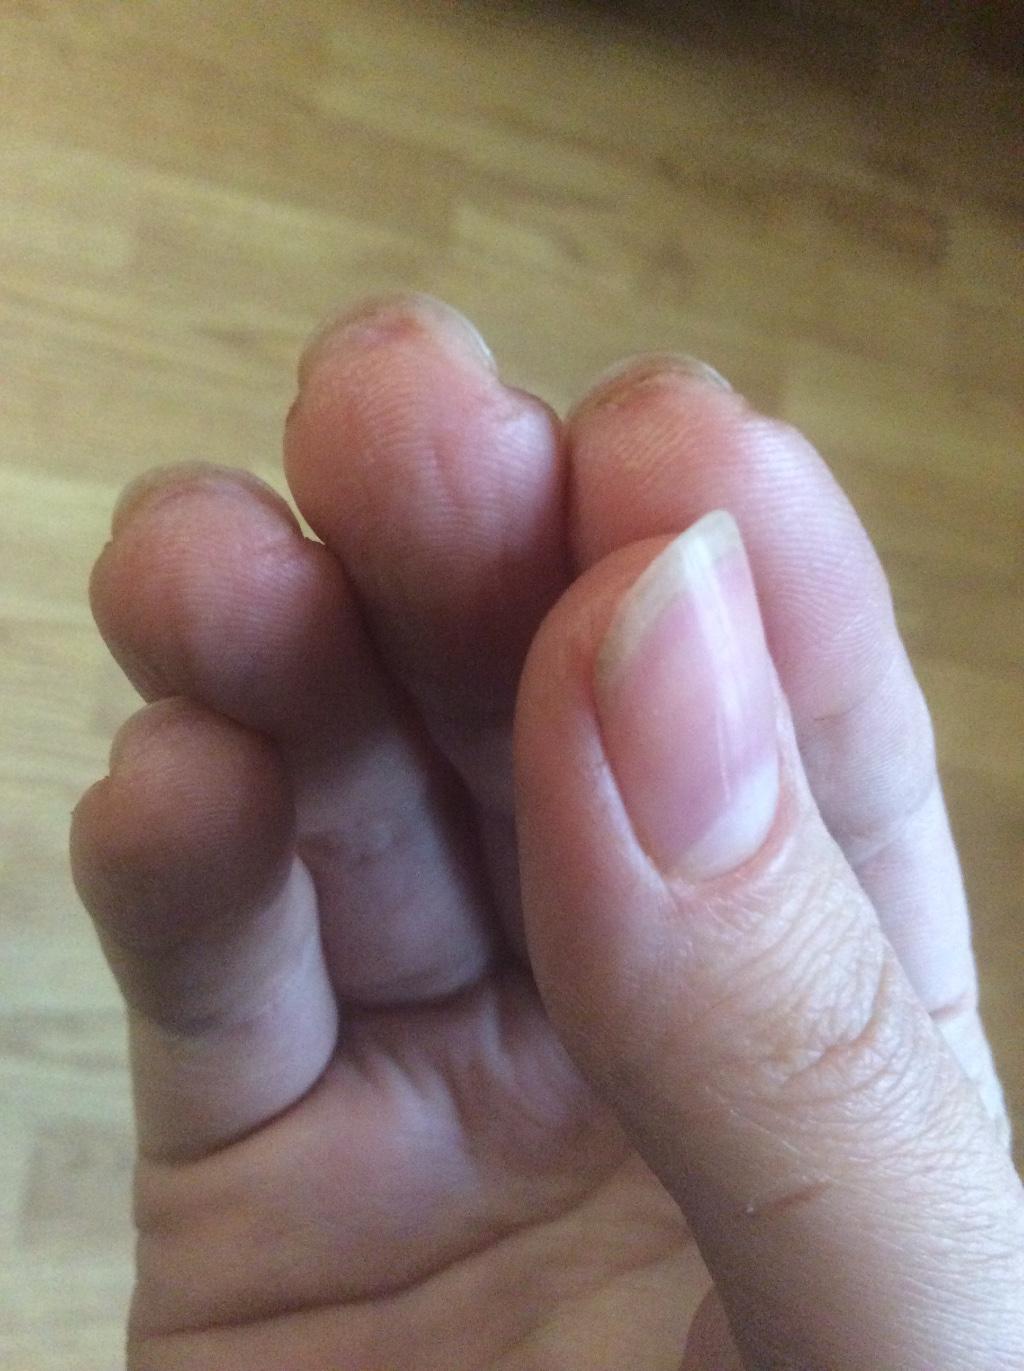 Трещины кожи на пальцах рук возле ногтей